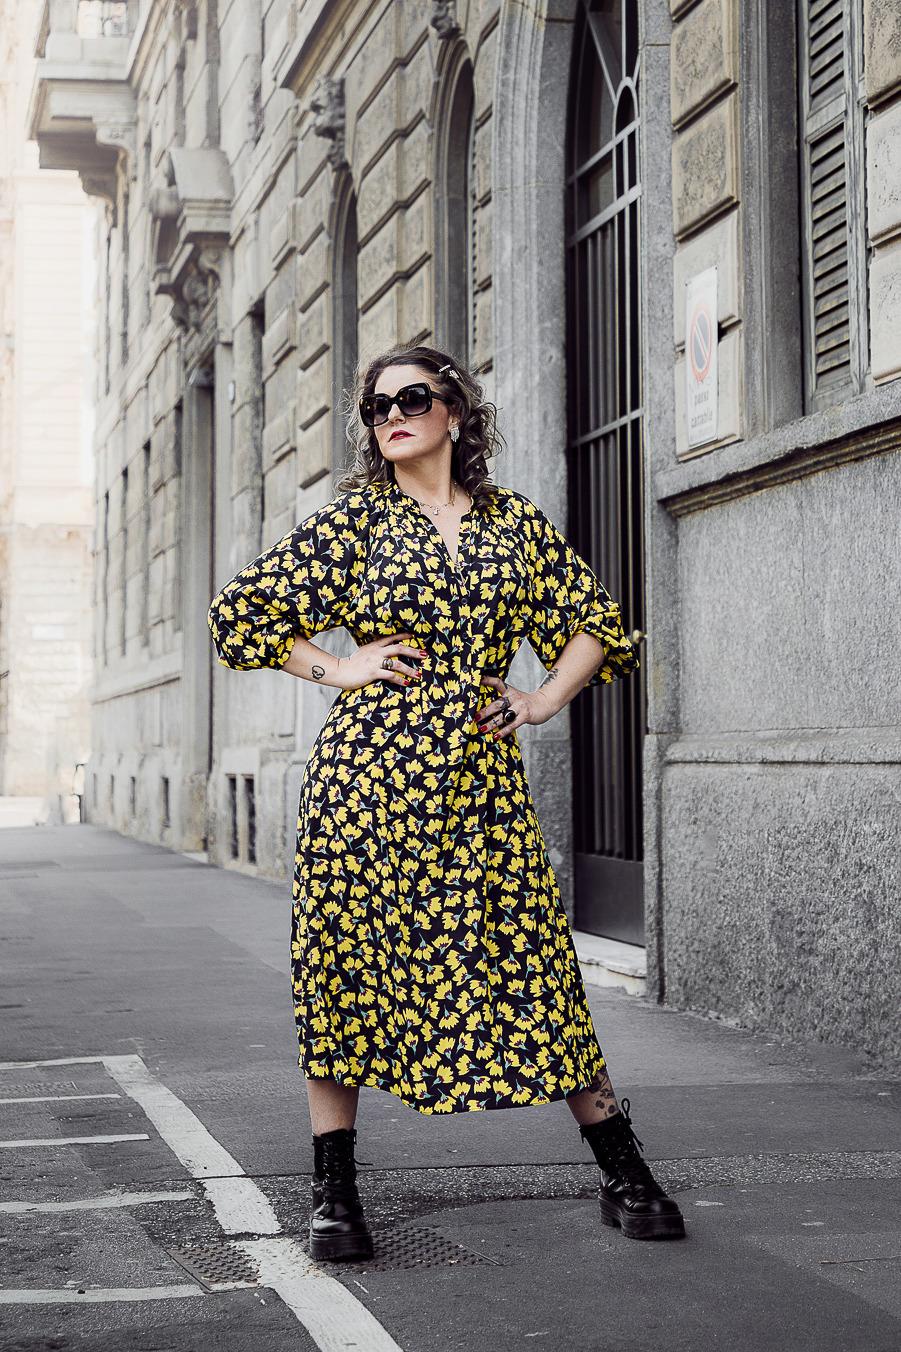 editorial moda loja gramado fotografo marca leonardo rodrigues